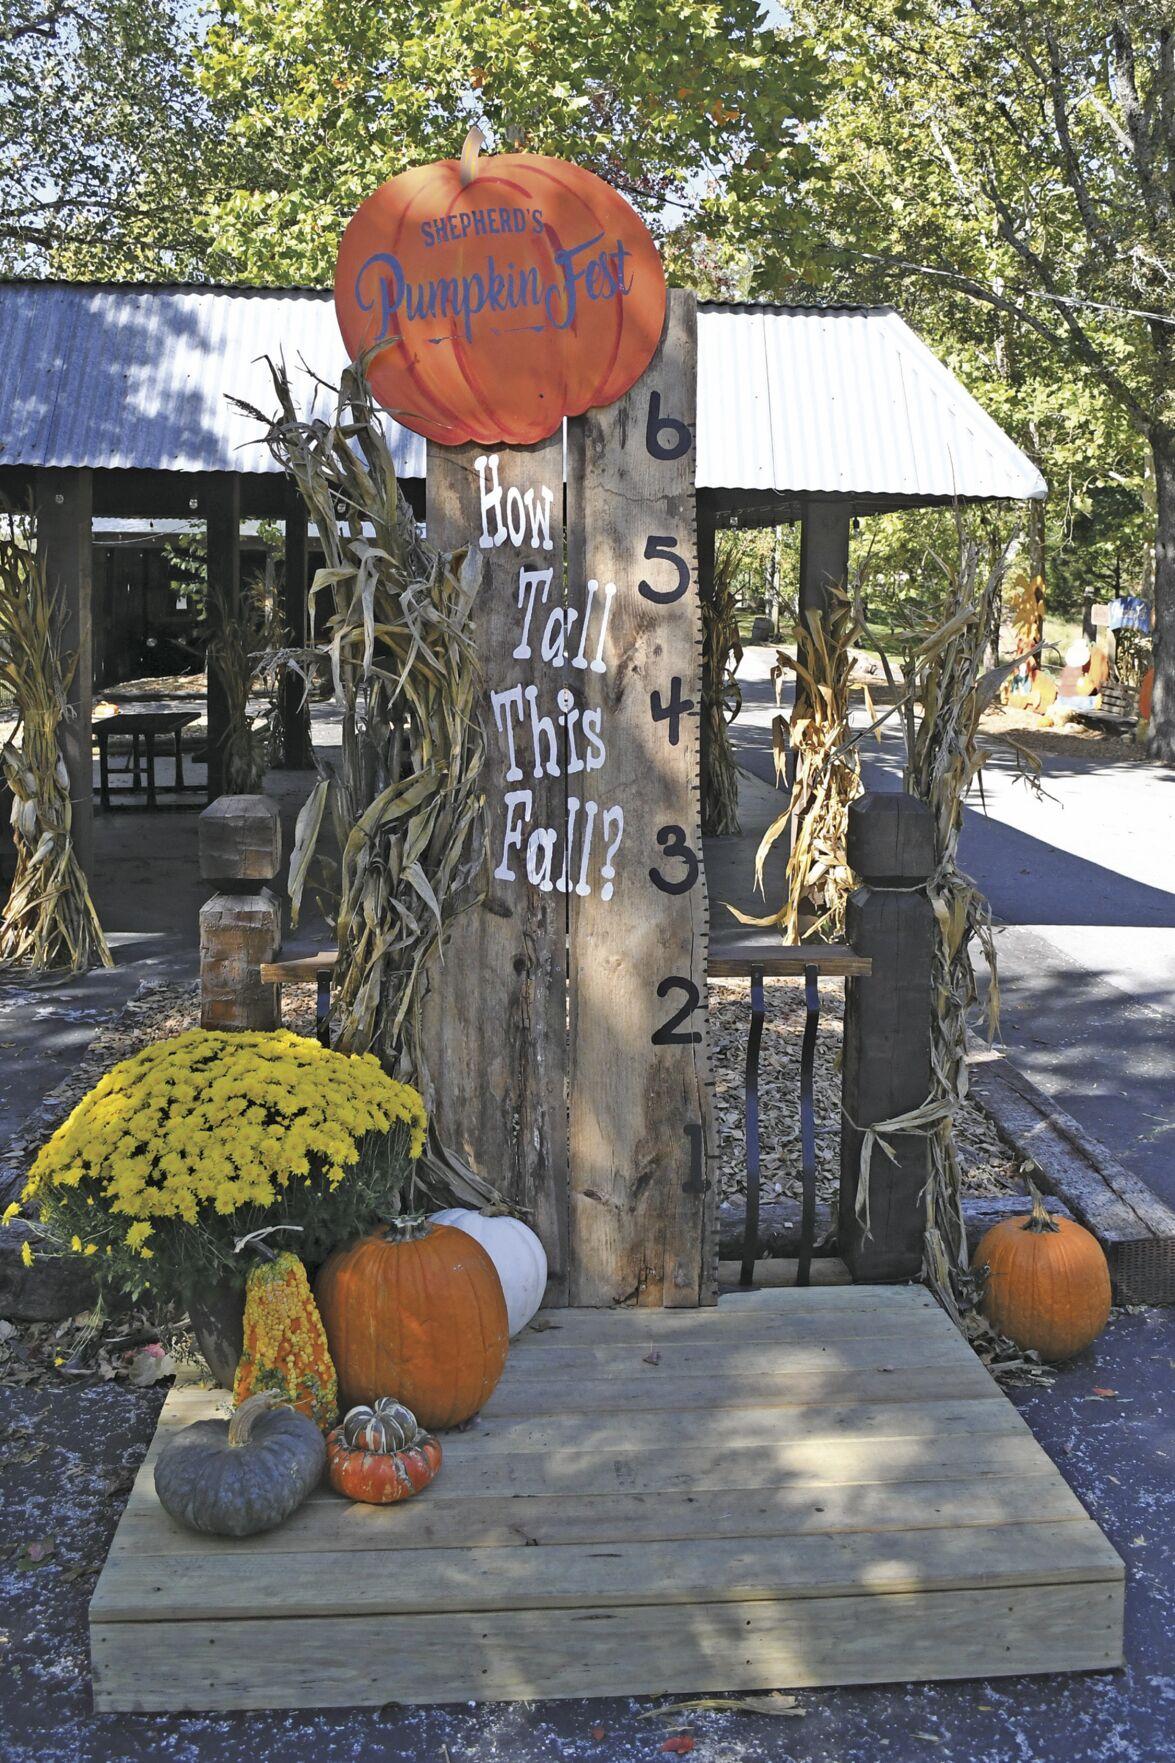 Shepherds Pumpkin Fest 1.jpg